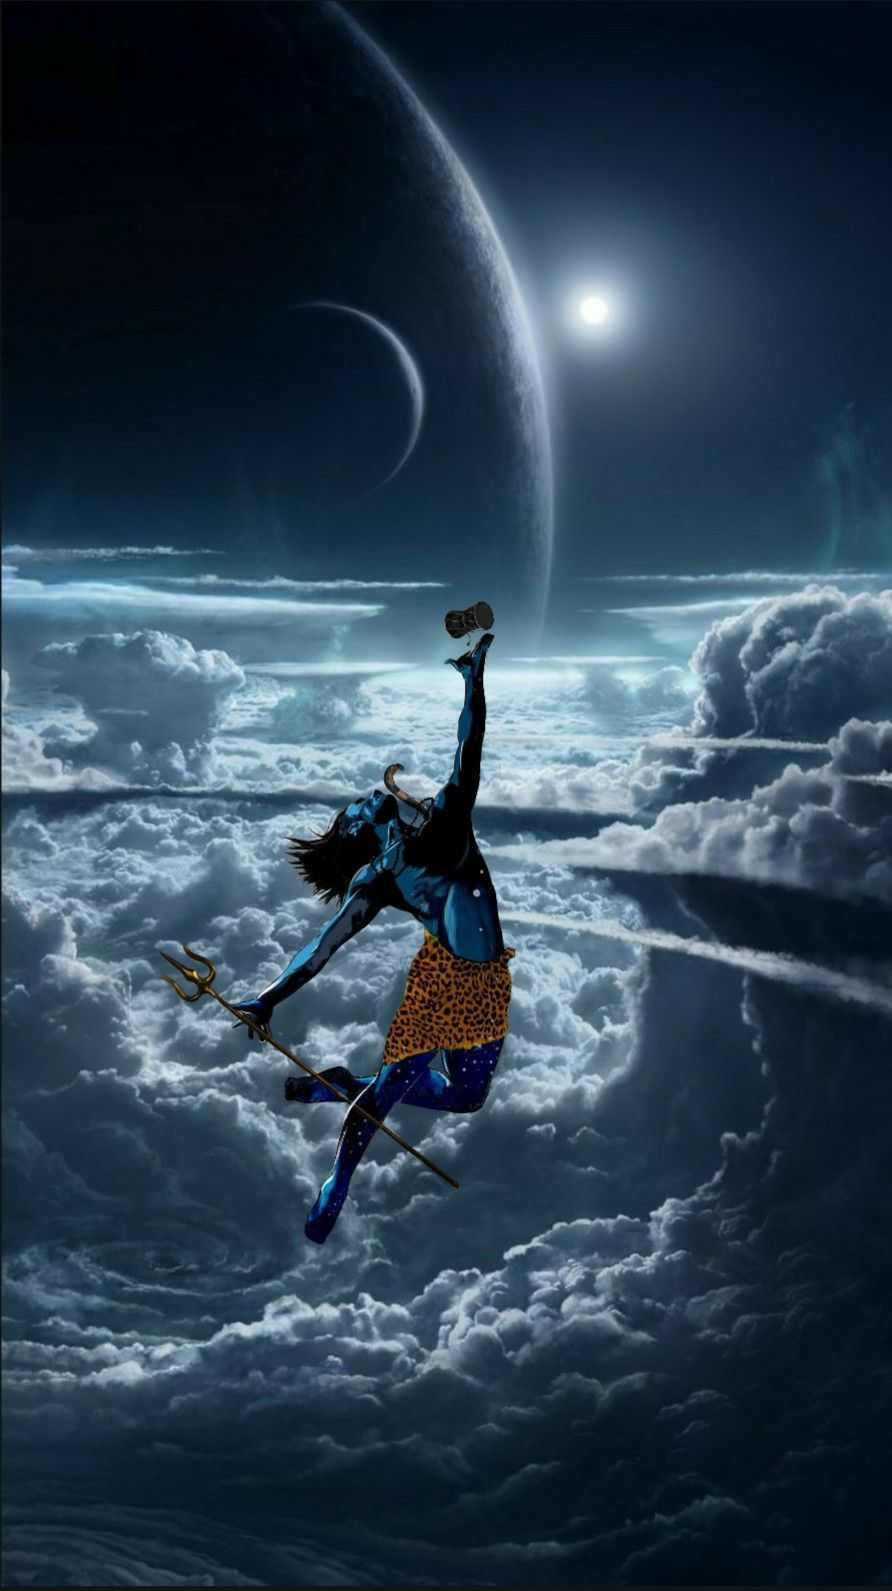 Krdaiya Nobu Angry Lord Shiva Shiva Angry Lord Shiva Hd Images